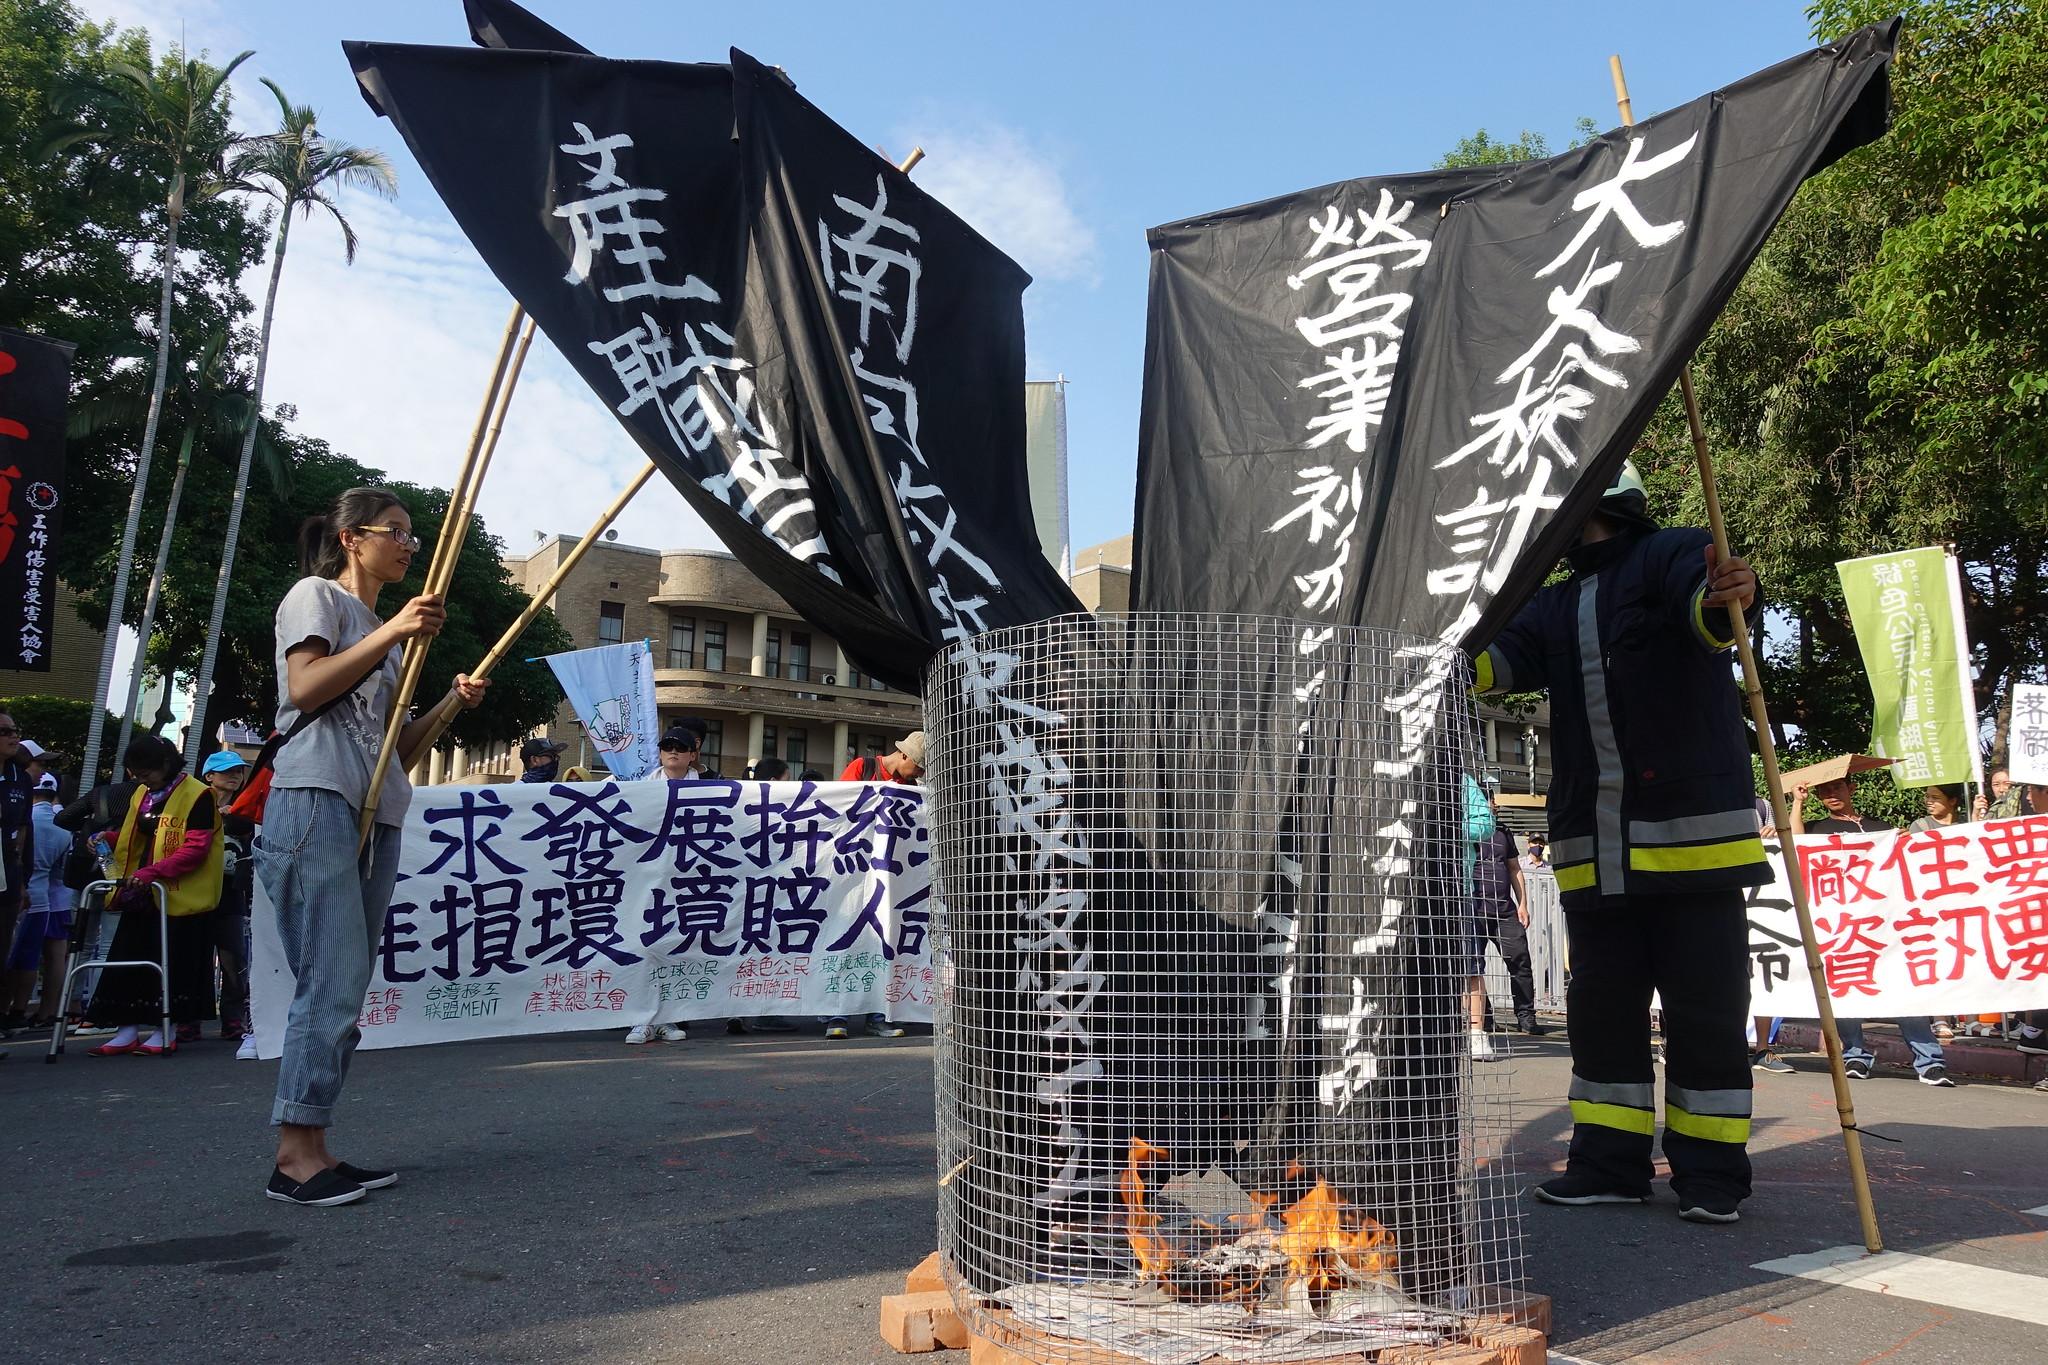 游行群众来到终点行政院,在政院前焚烧旗帜唿吁政府正视敬鹏大火烧出的问题。(摄影:张智琦)